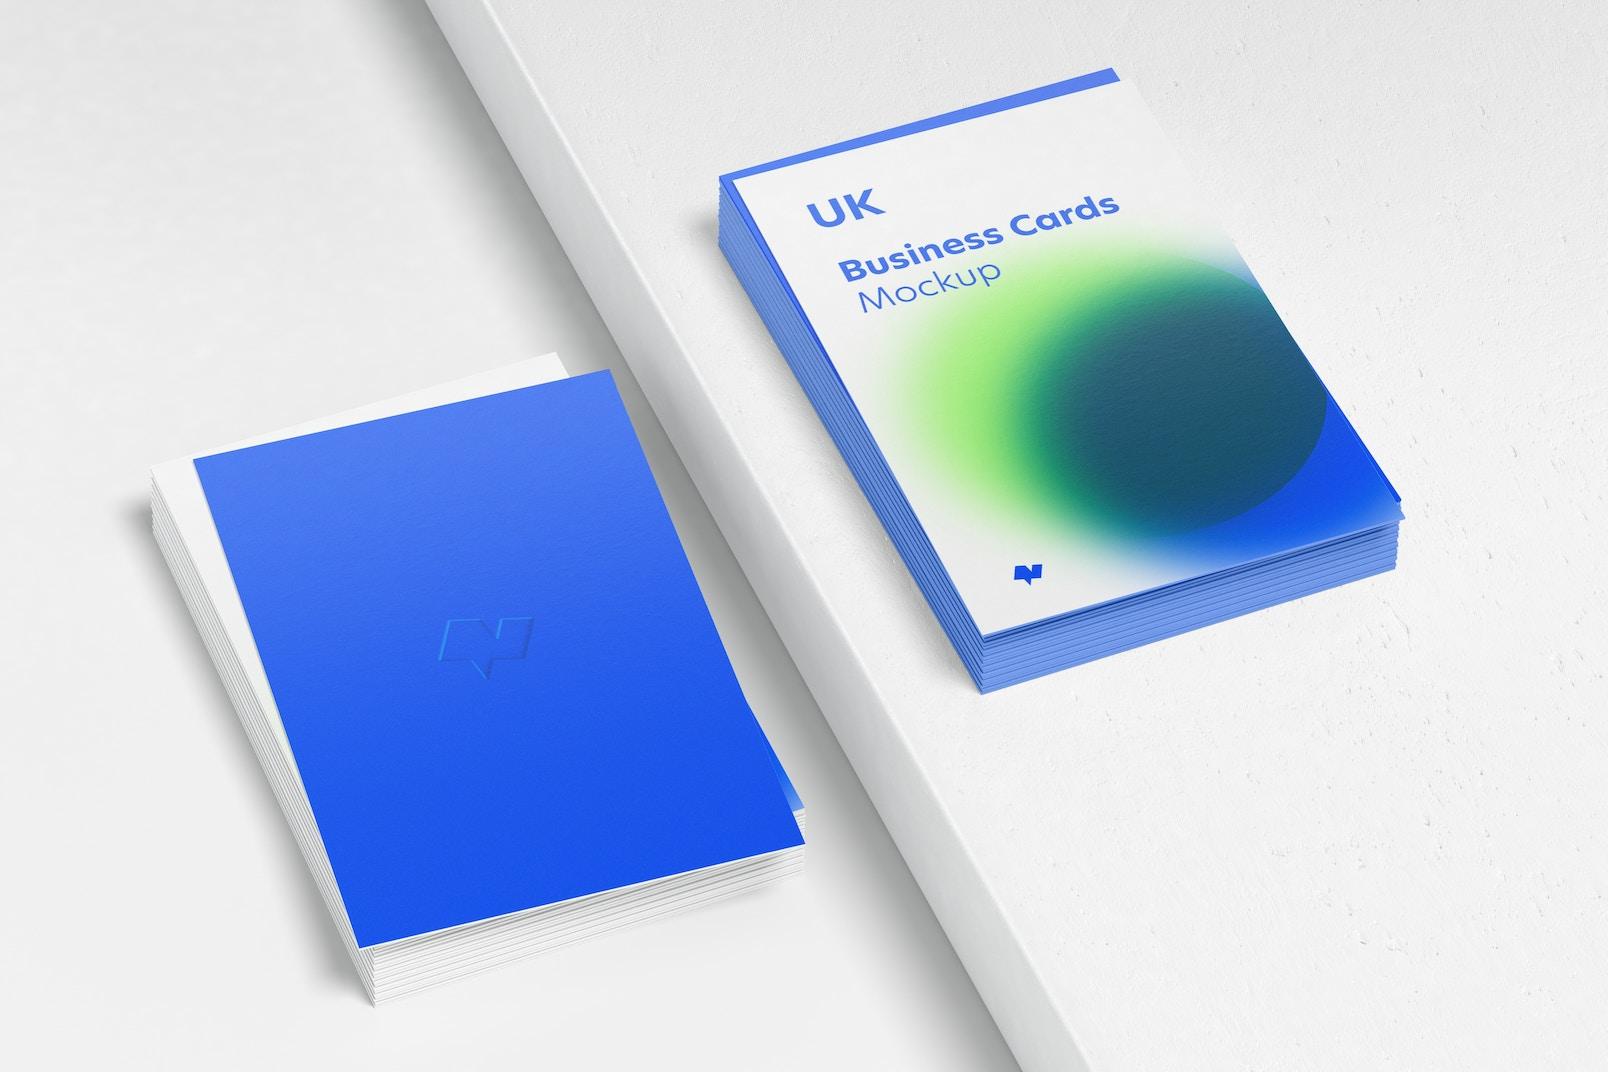 UK Portrait Business Cards Mockup, Stacked Set